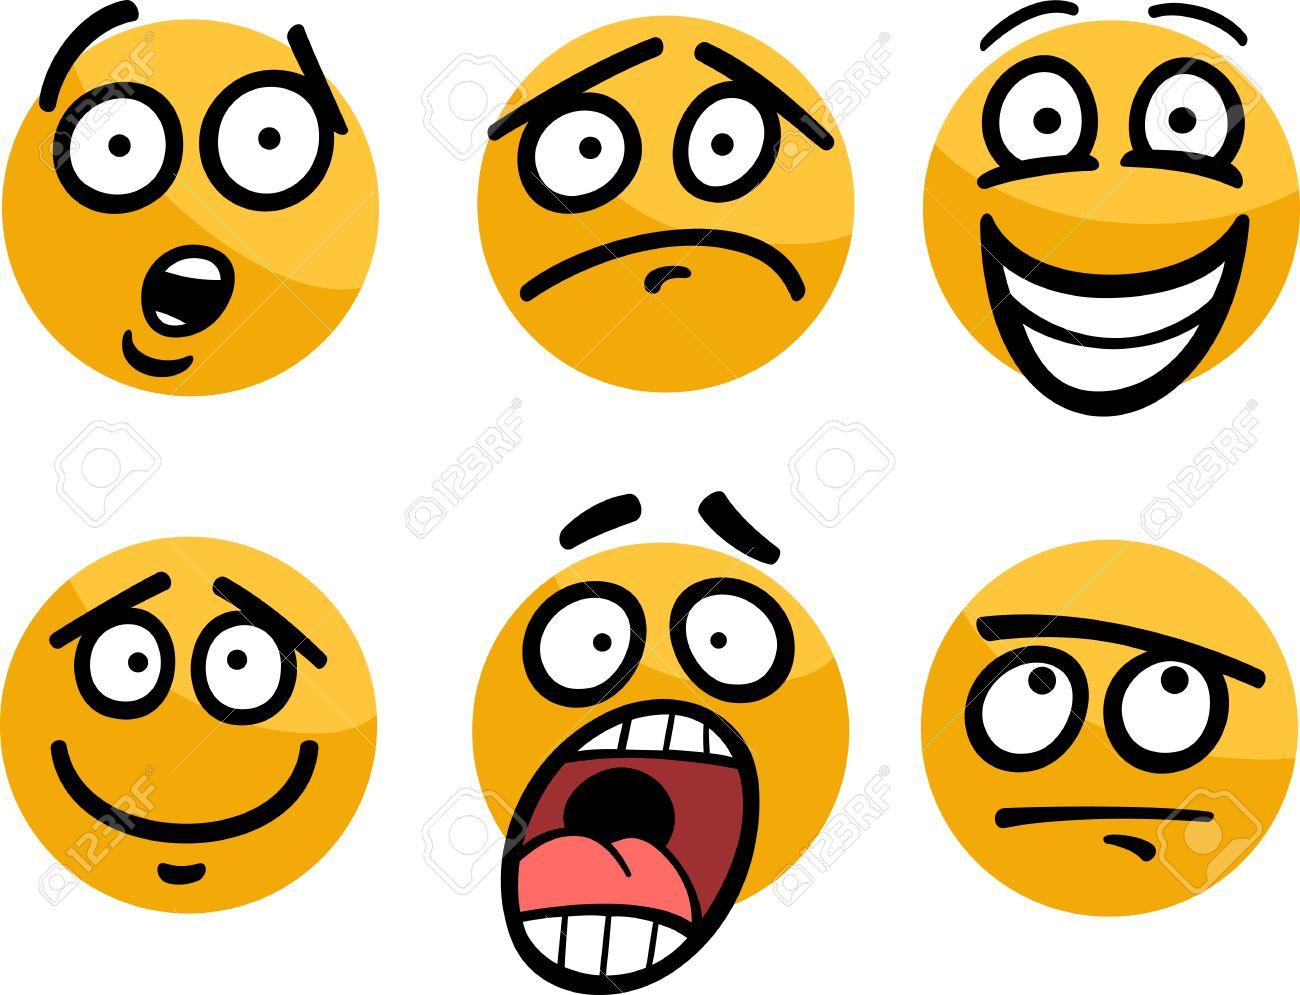 Ilustración De Dibujos Animados De Emoticon O Emociones Y